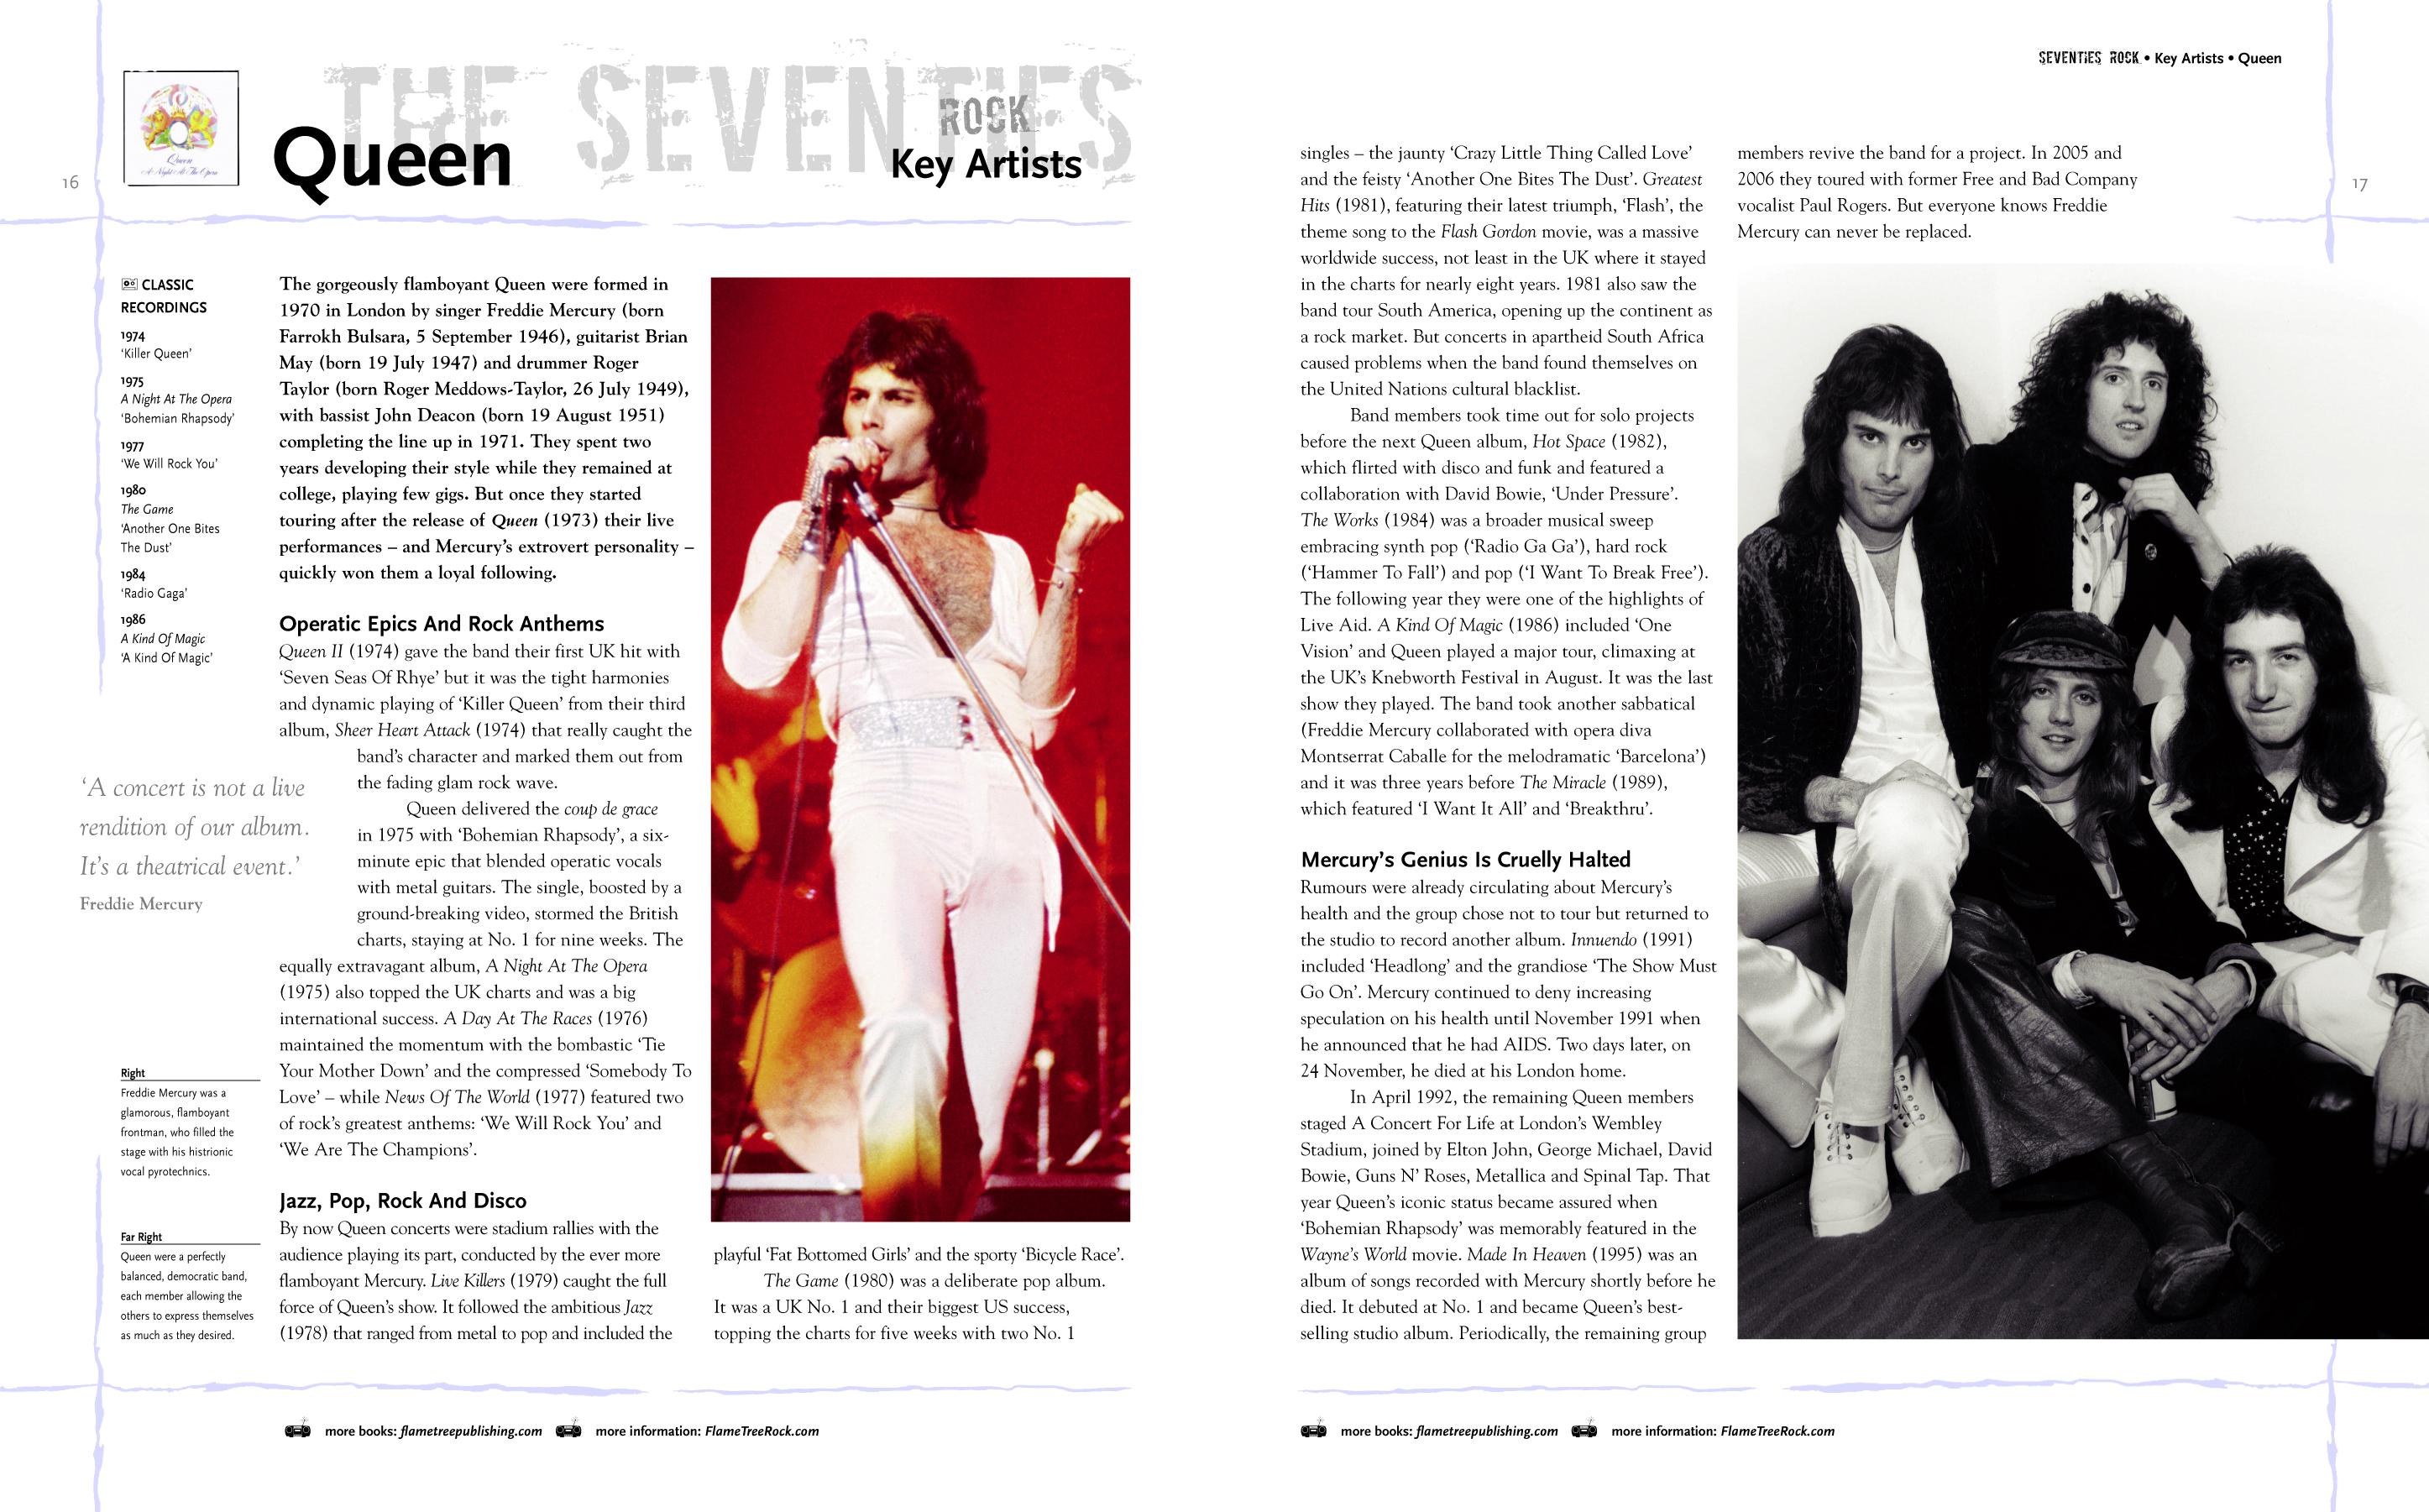 Classic Rock Bands spread,Queen